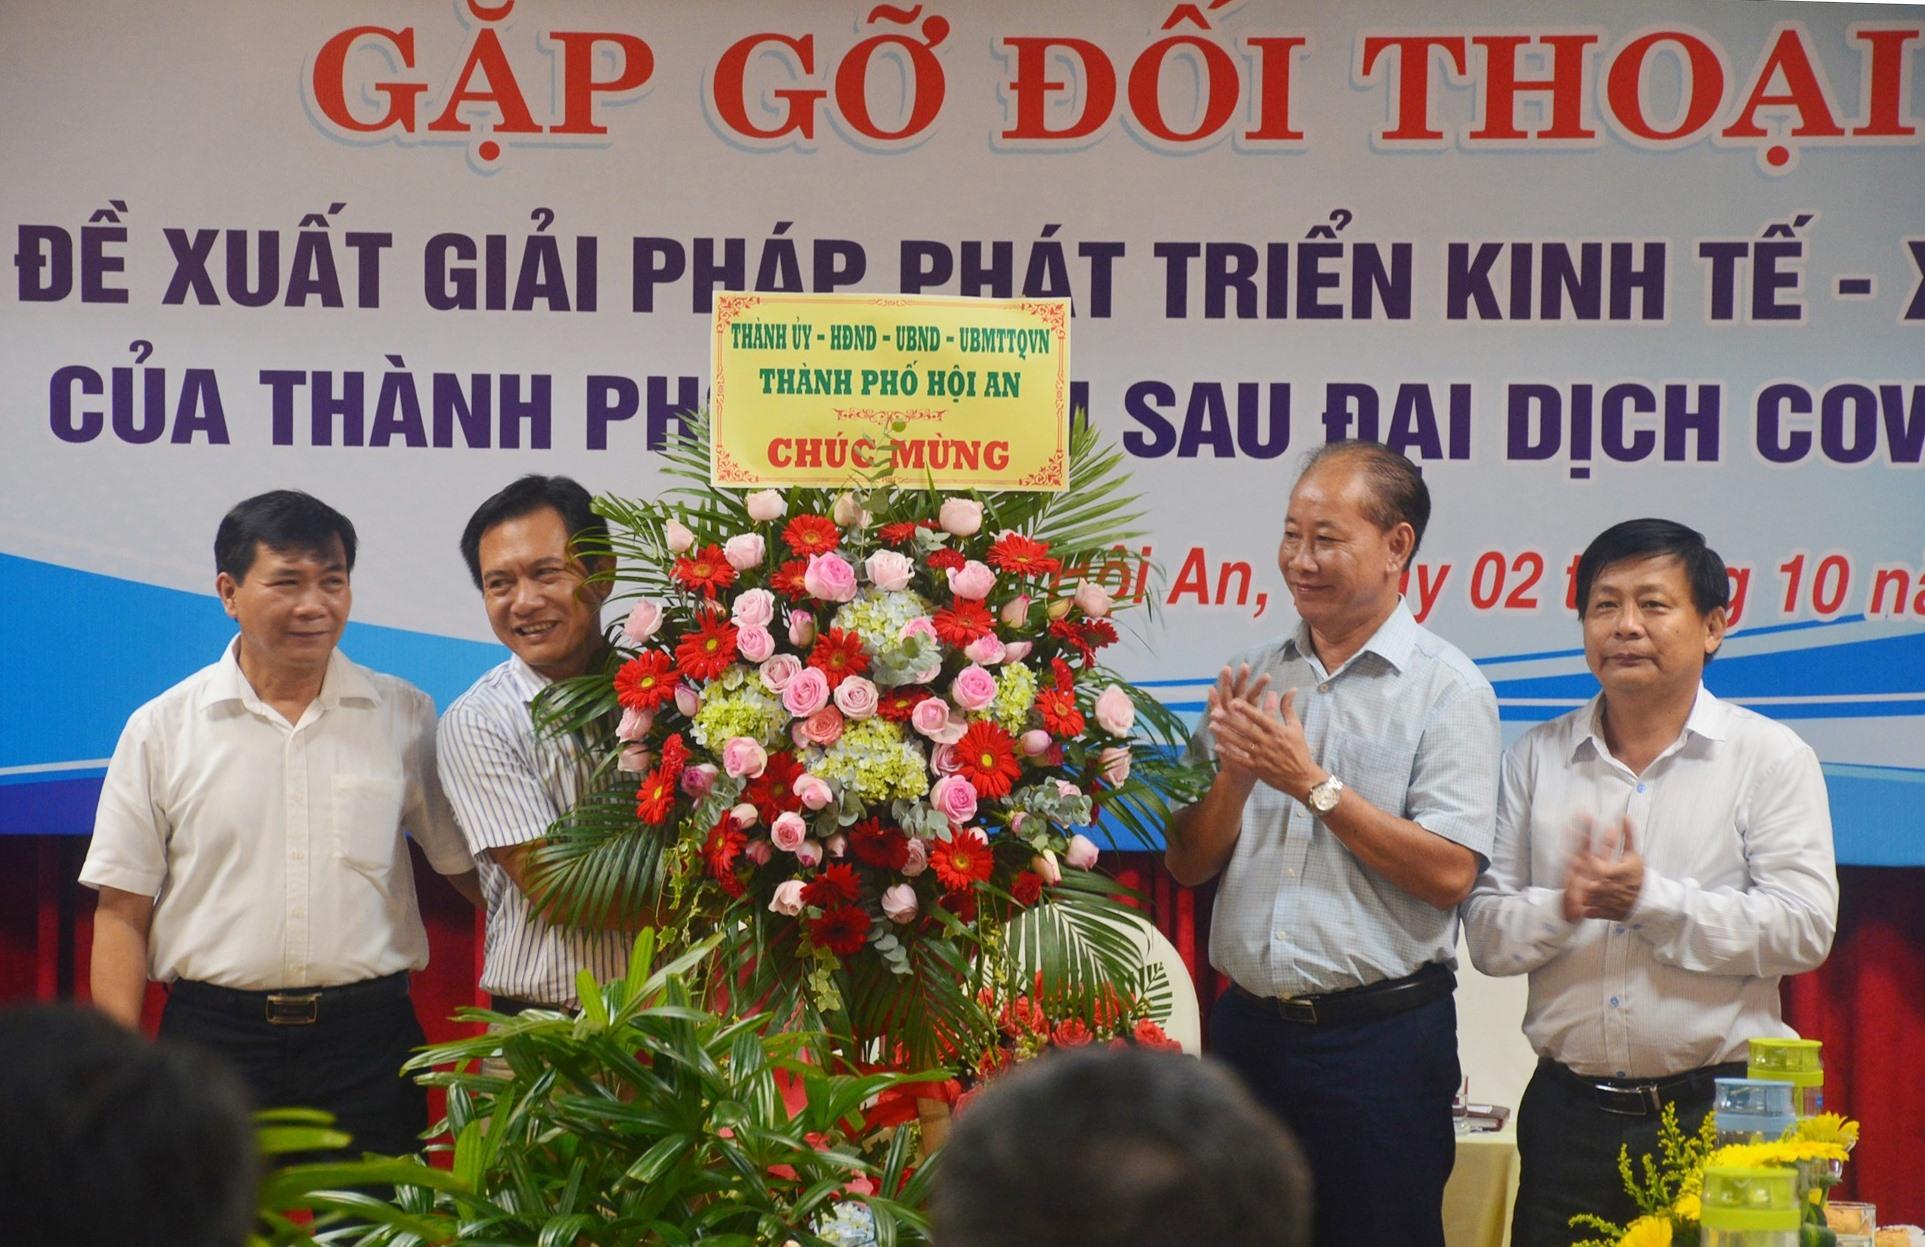 Lãnh đạo TP.Hội An tặng hoa chúc mừng cộng đồng doanh nghiệp Nhân ngày Doanh nhân Việt Nam. Ảnh: Q.T